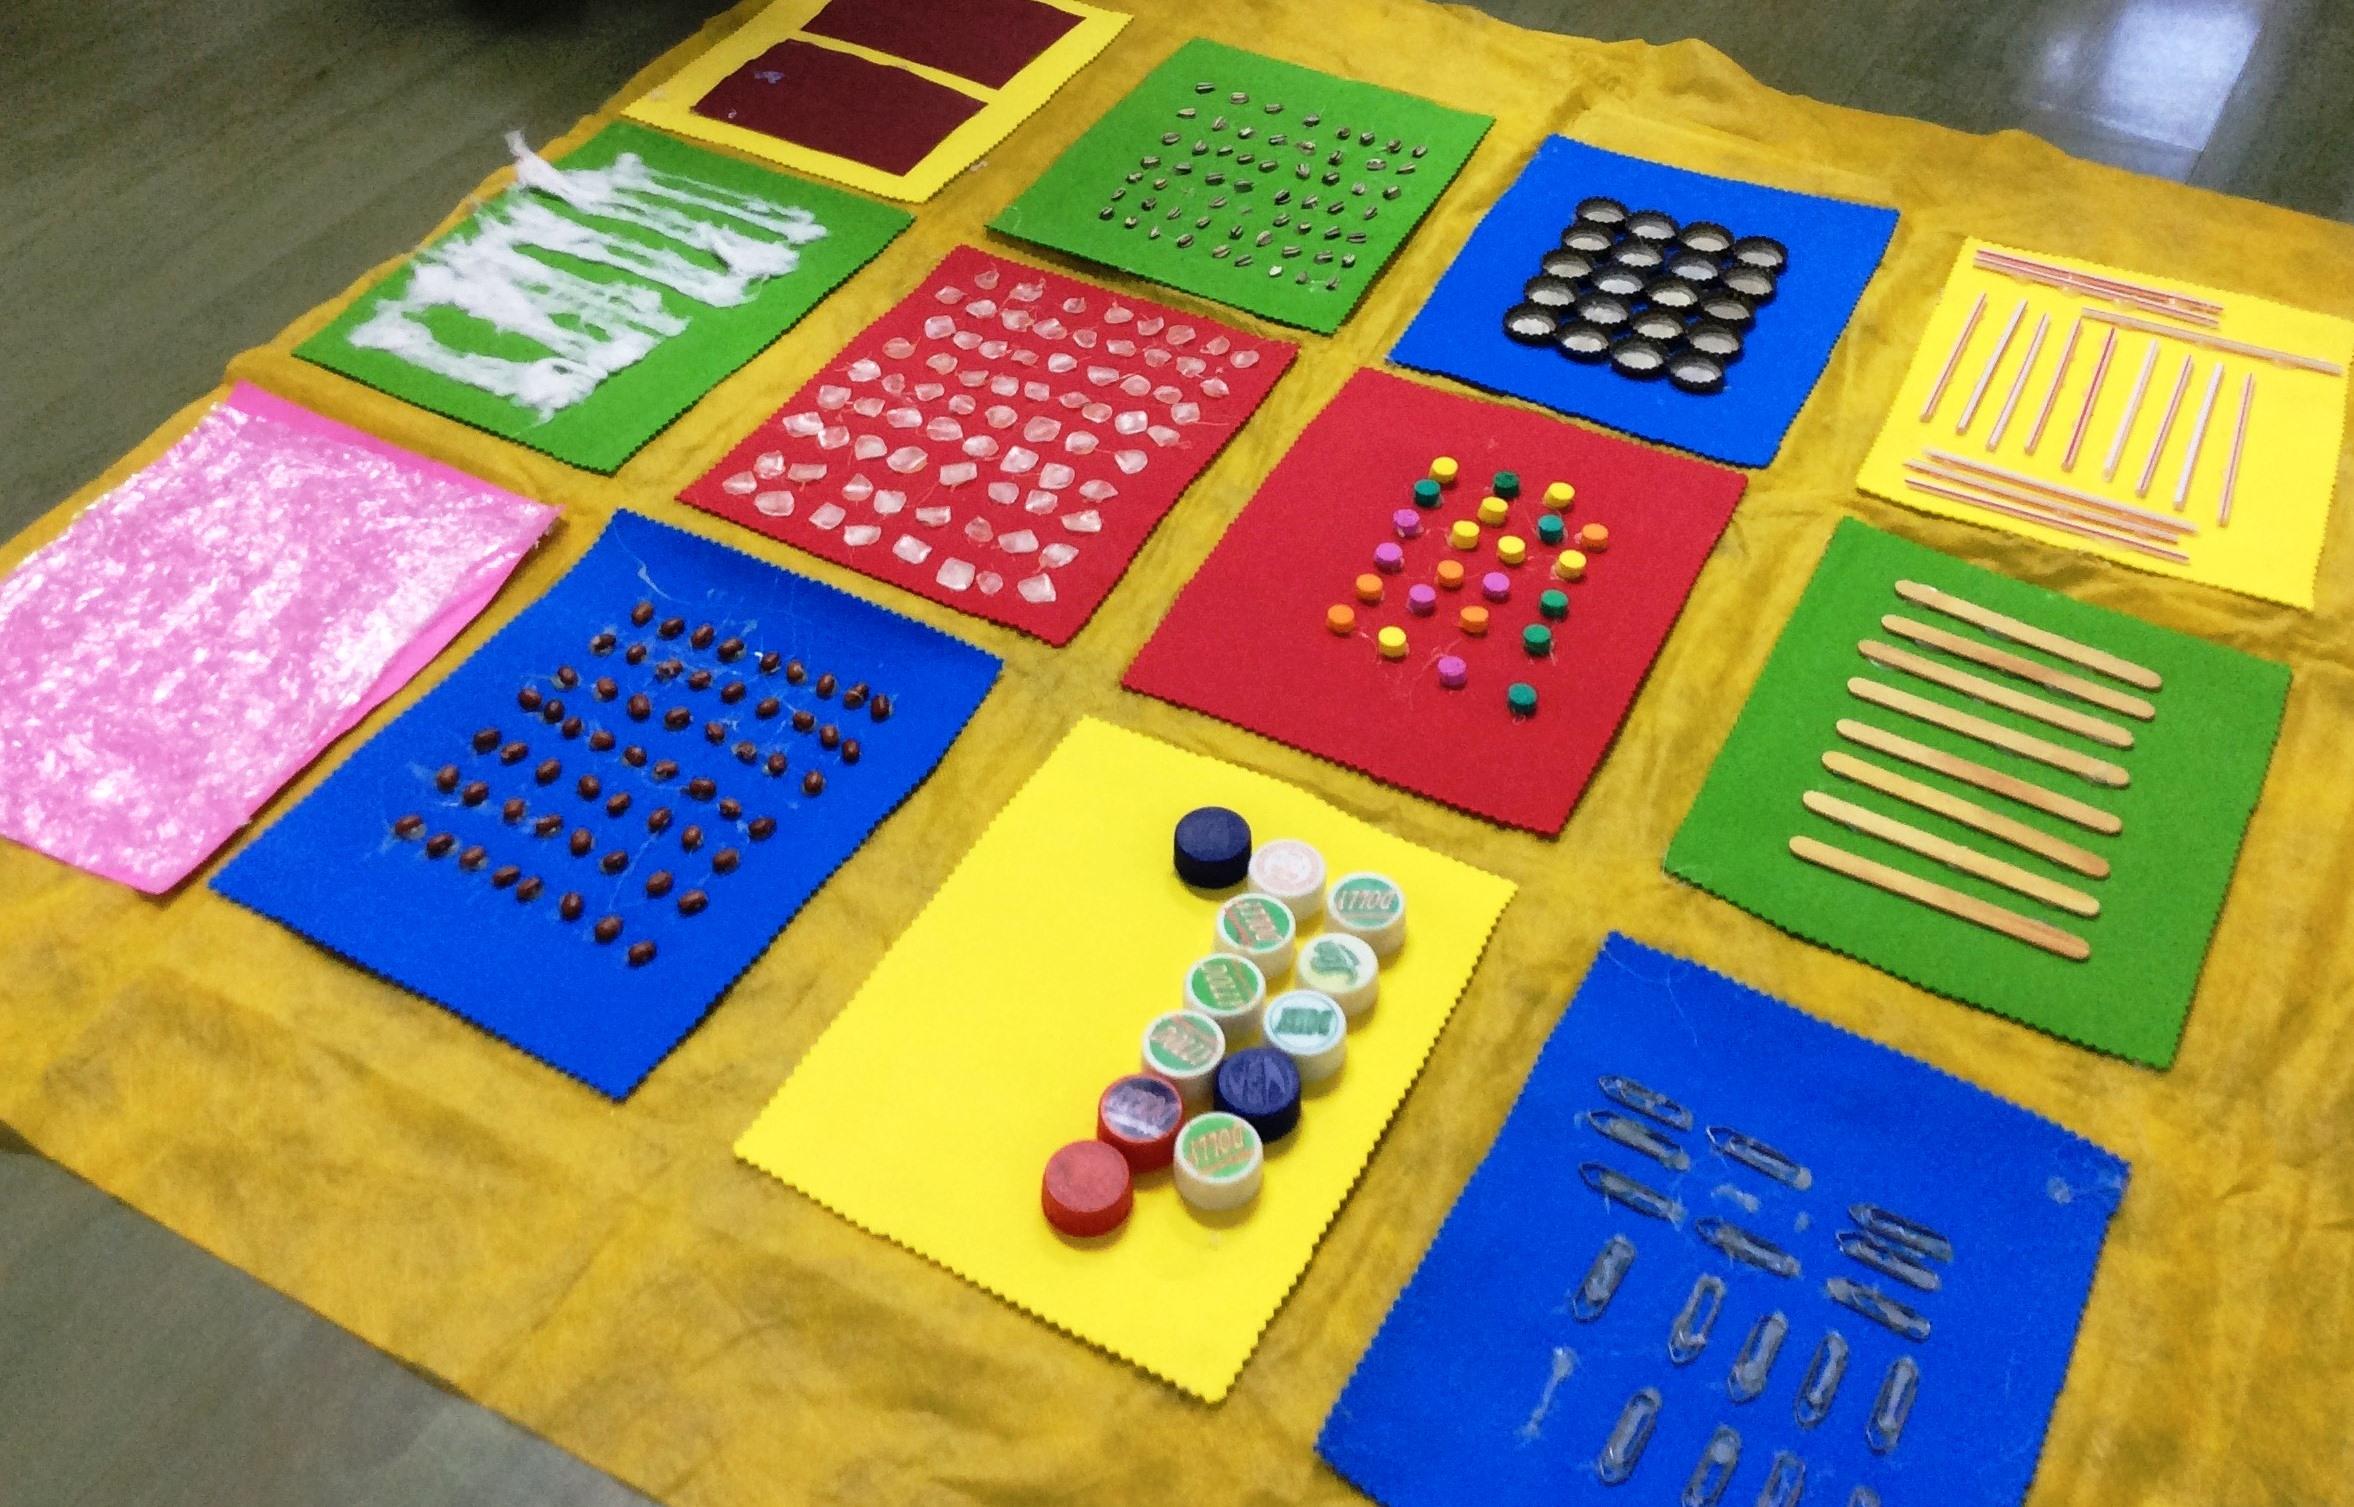 Tapete sensorial usado pelas crianças da Recreação da Educação Infantil do Certus